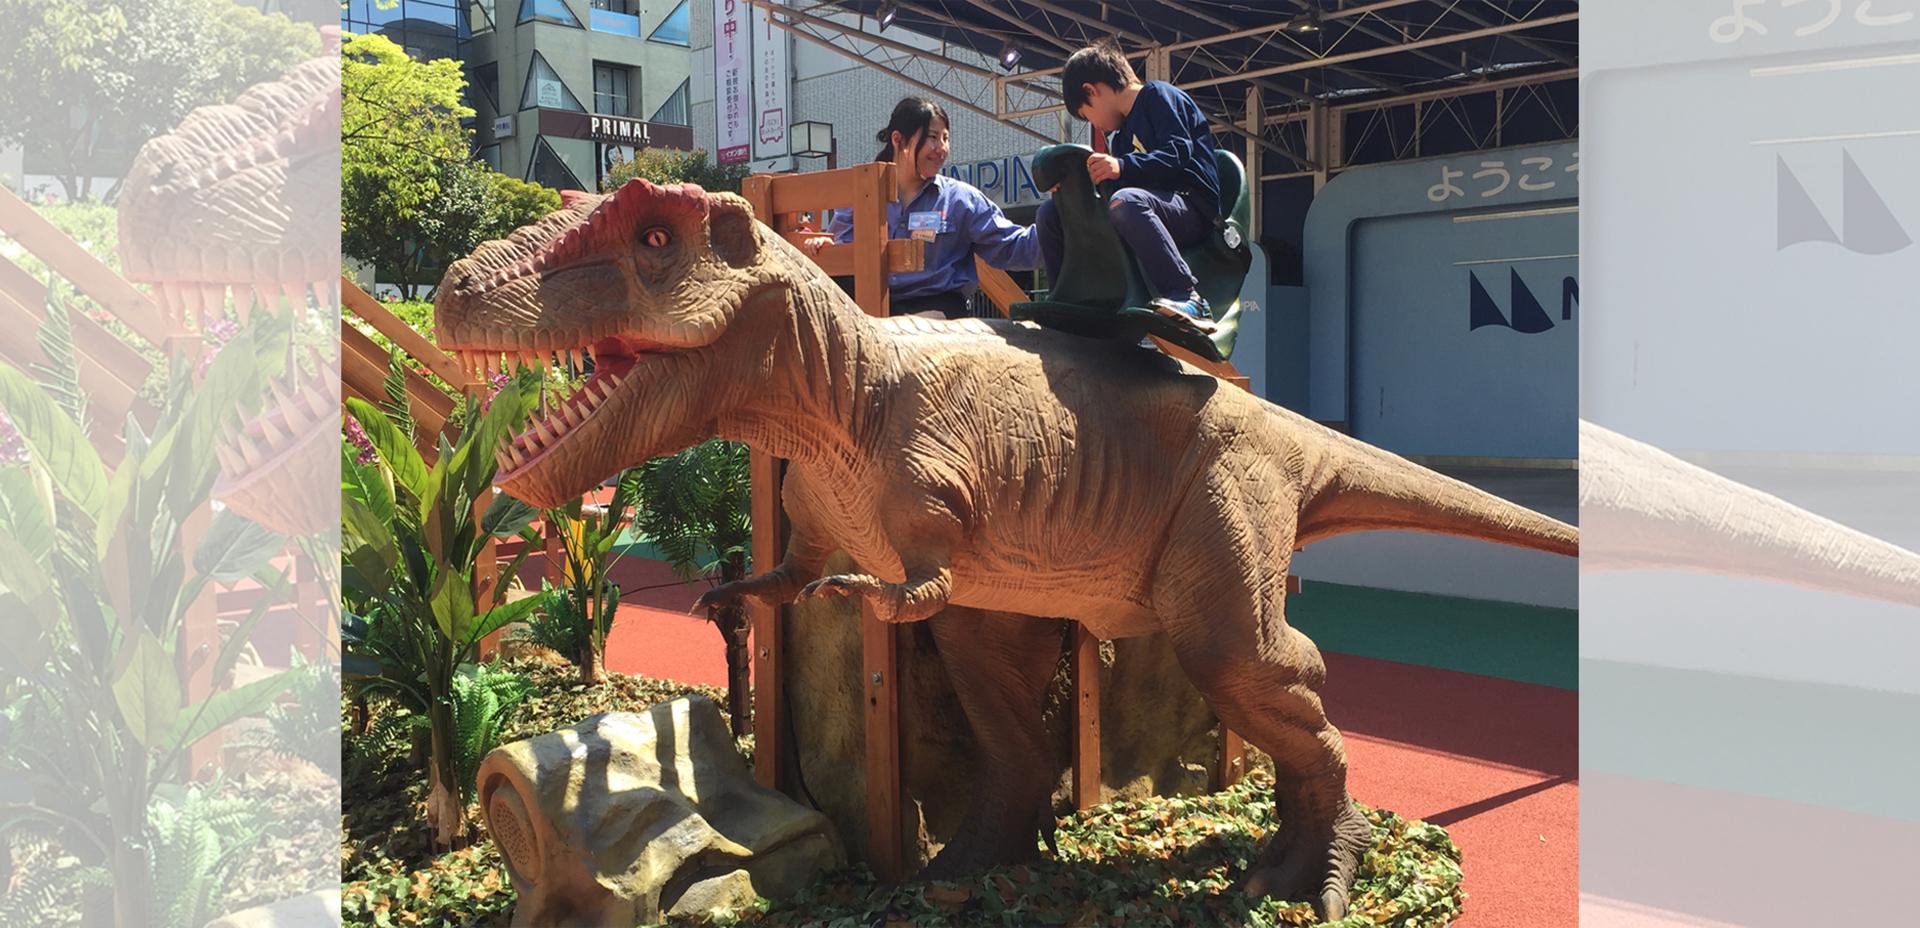 ビナウォーク「わくわく恐竜王国」